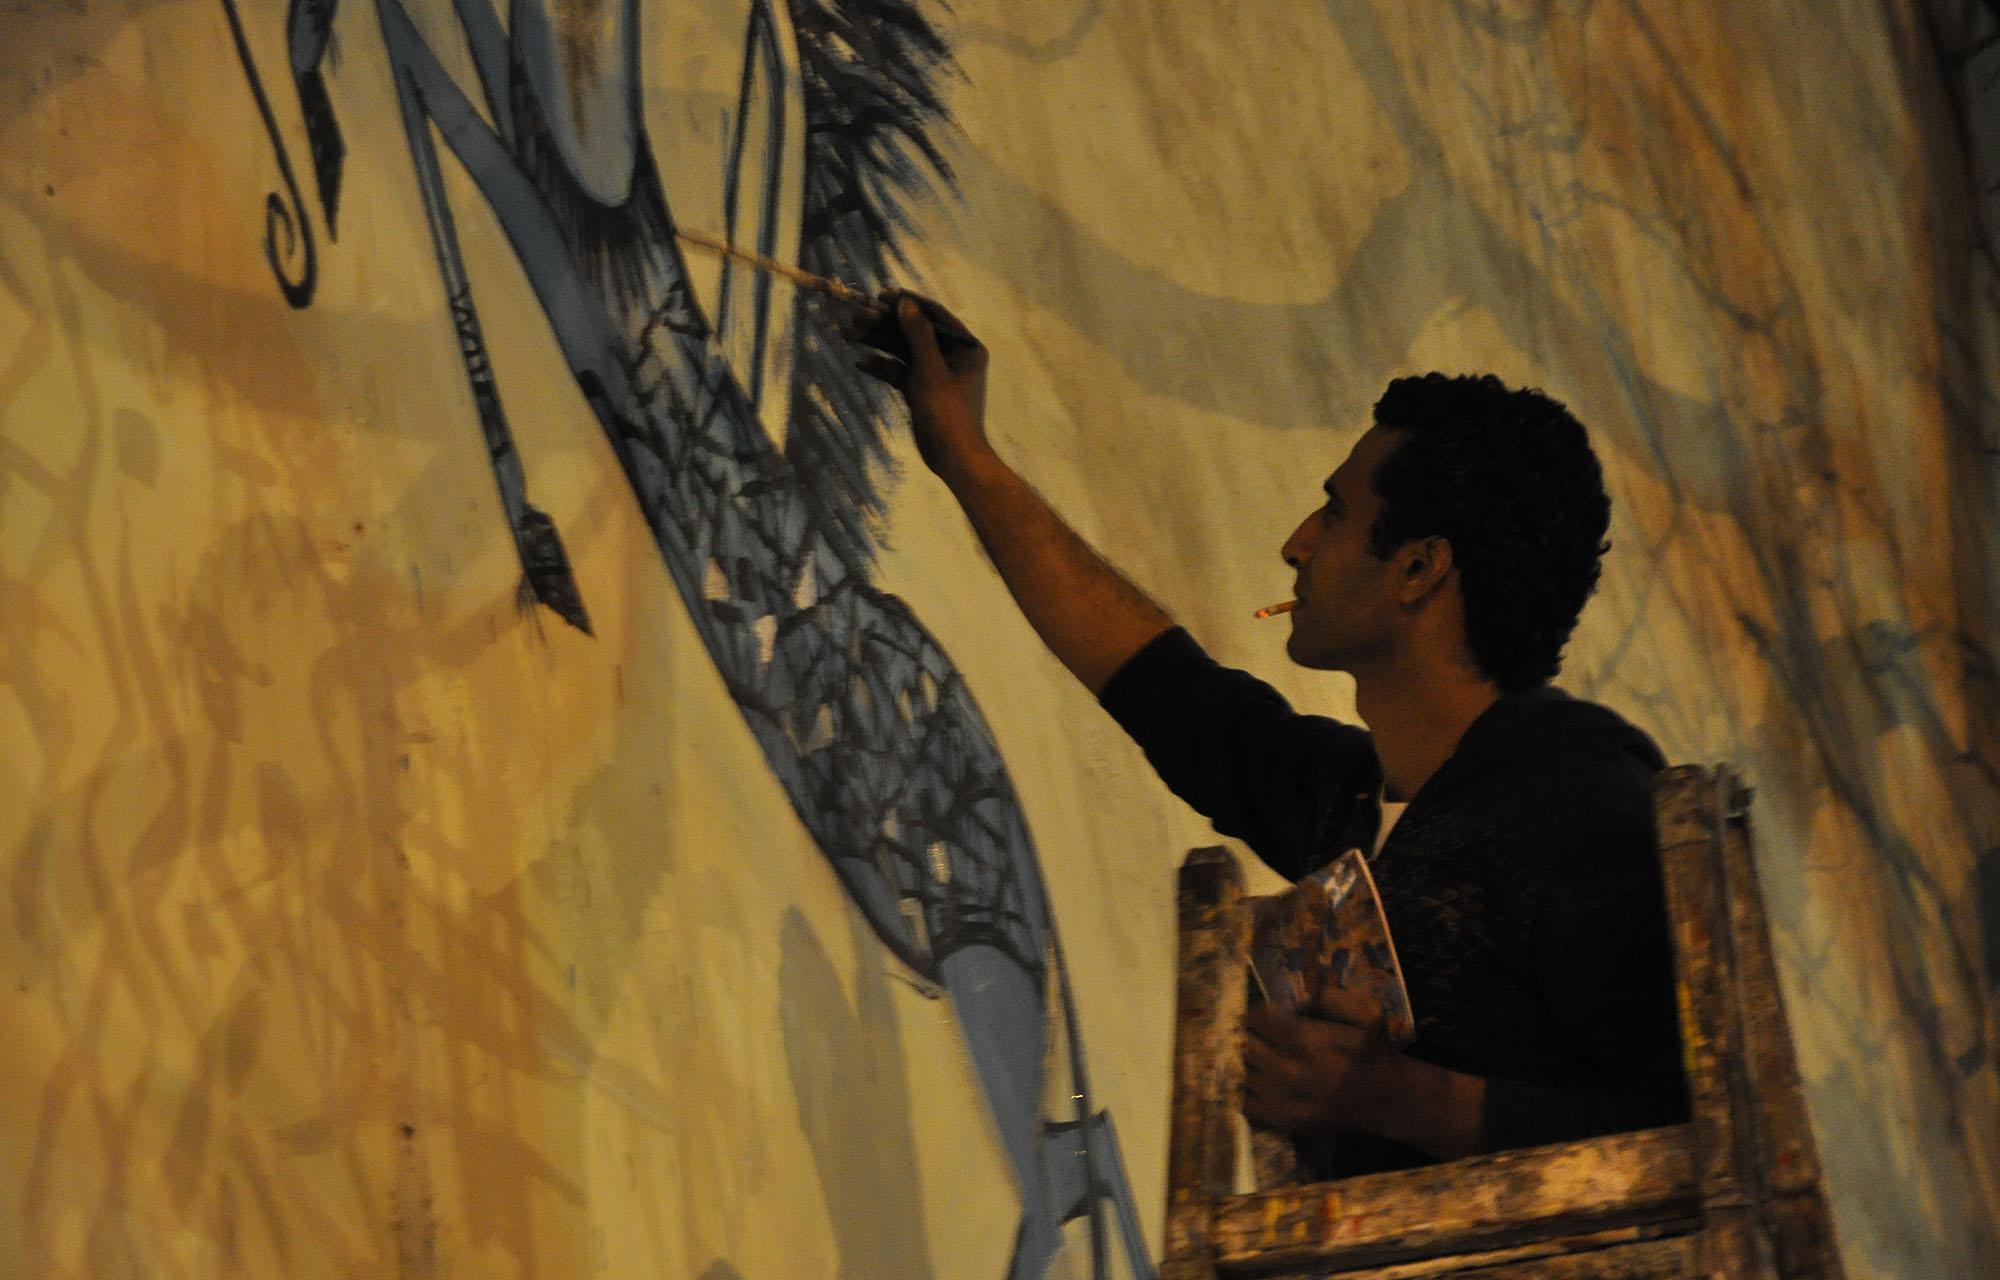 Alaa Awad - Mural - Cairo - 2012 - alaa-awad.com